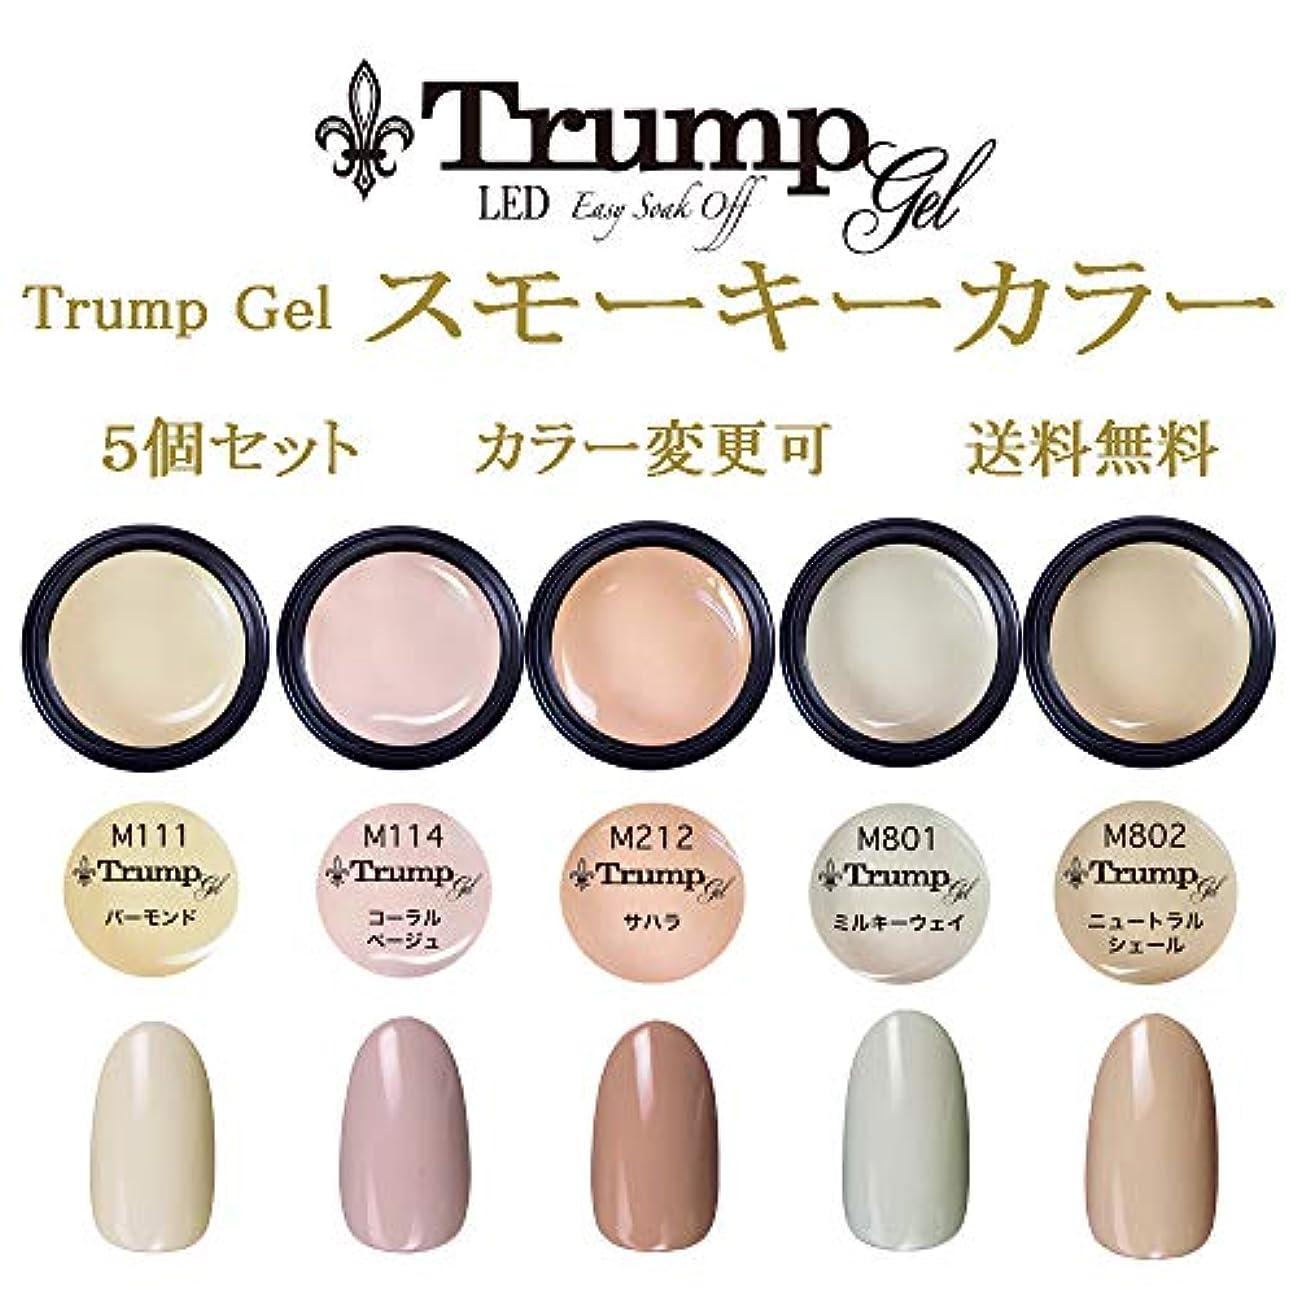 永続あなたのもの皮肉な日本製 Trump gel トランプジェル スモーキーカラー 選べる カラージェル 5個セット スモーク ベージュ グレー ブラウン ピンク